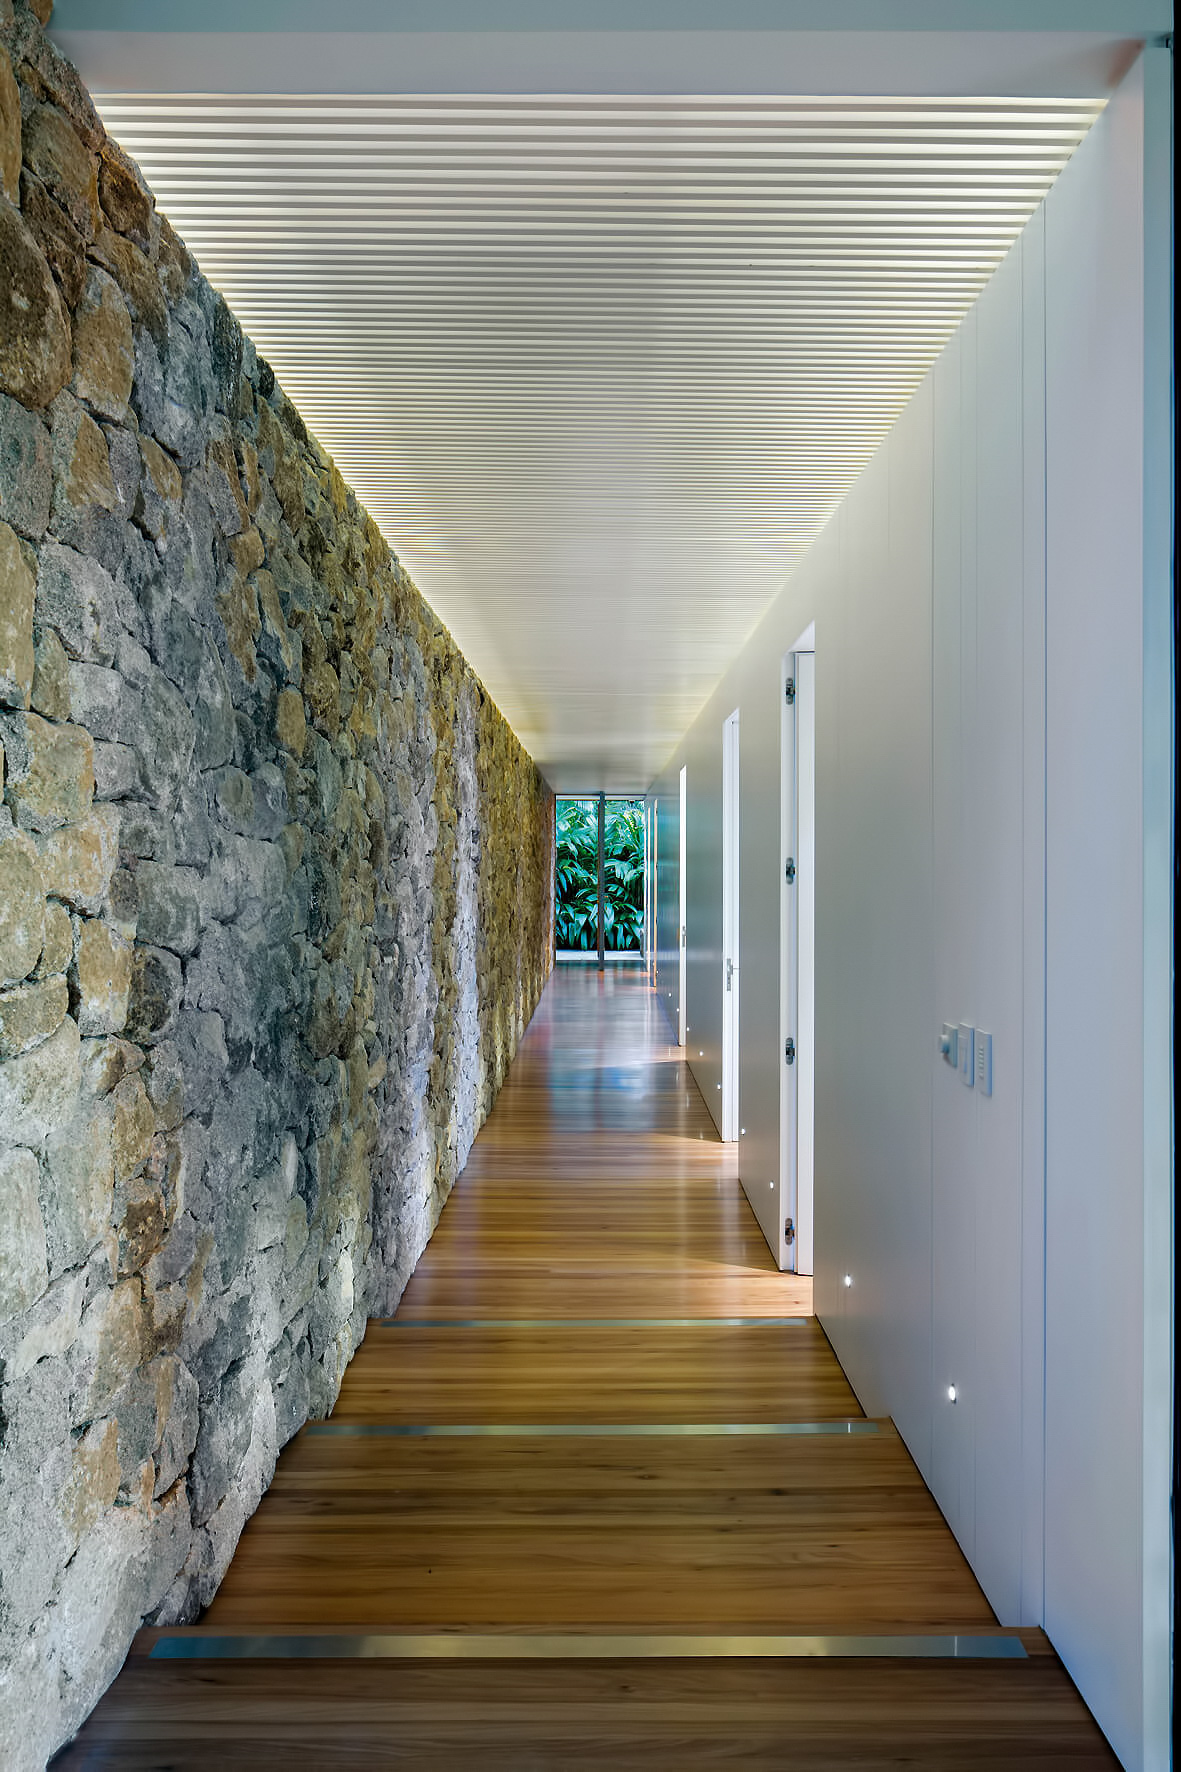 Casa Delta Luxury Residence - Guarujá, São Paulo, Brazil